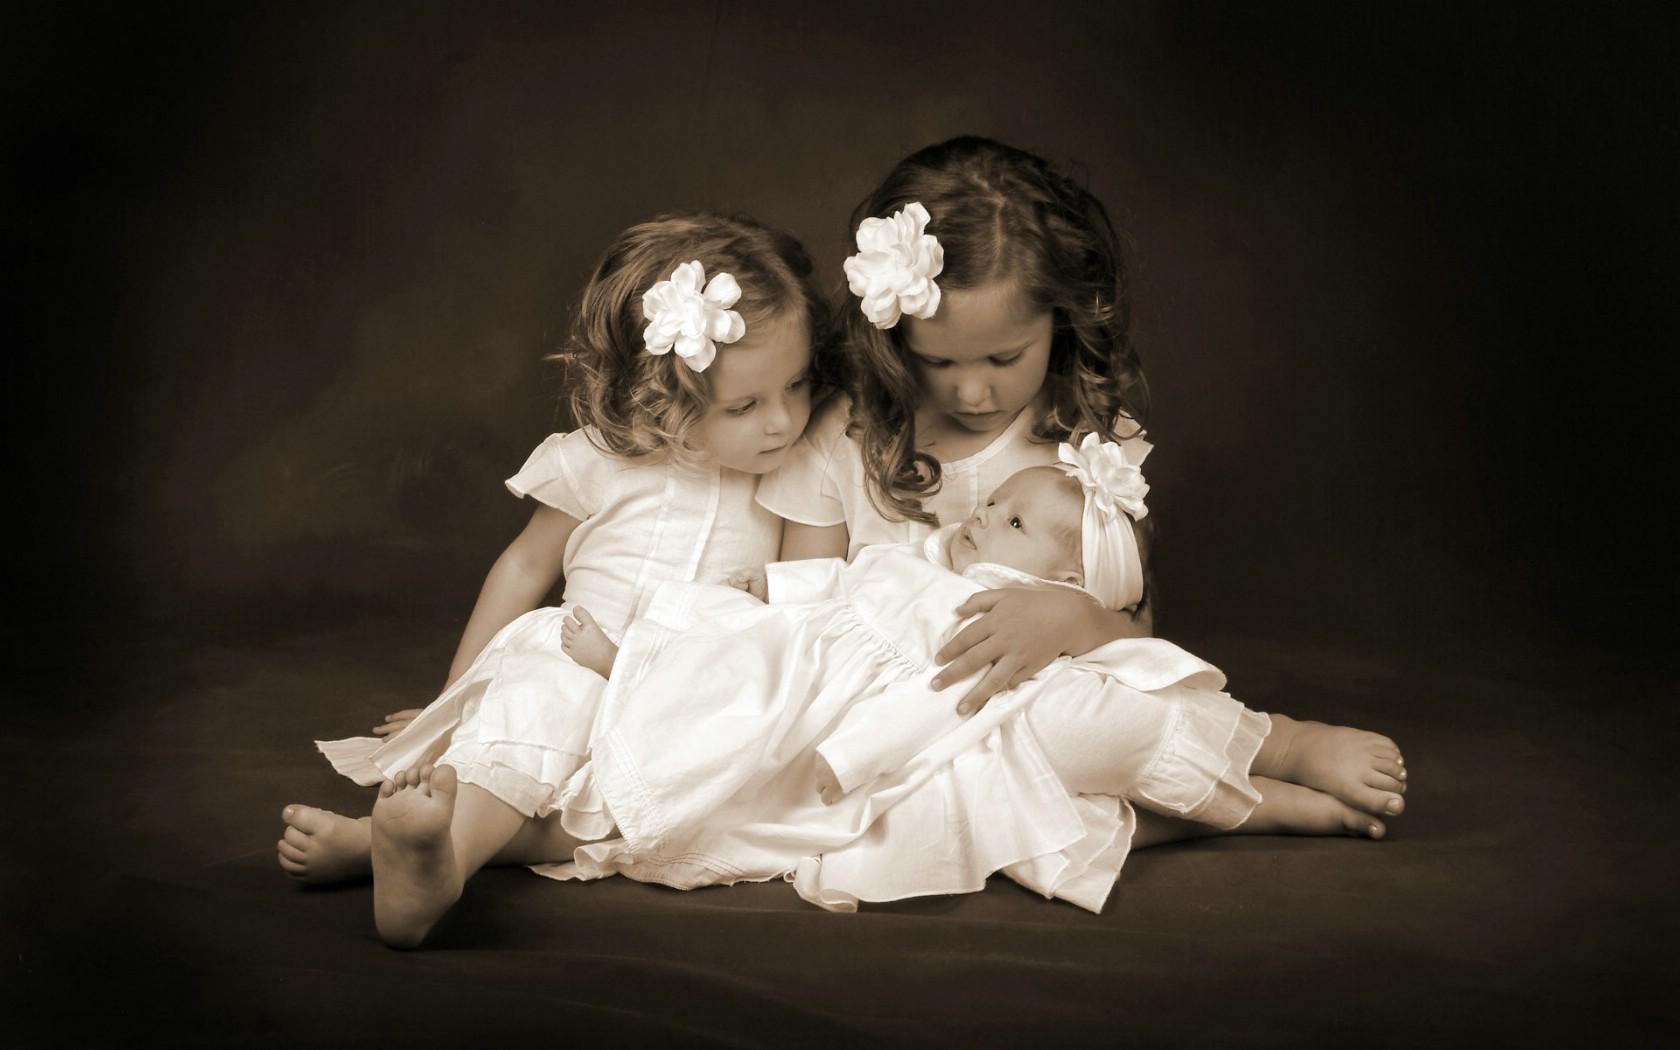 壁纸1680×1050人体艺术图片 婴儿 壁纸9壁纸 人体艺术图片(婴儿)壁纸图片系统壁纸系统图片素材桌面壁纸